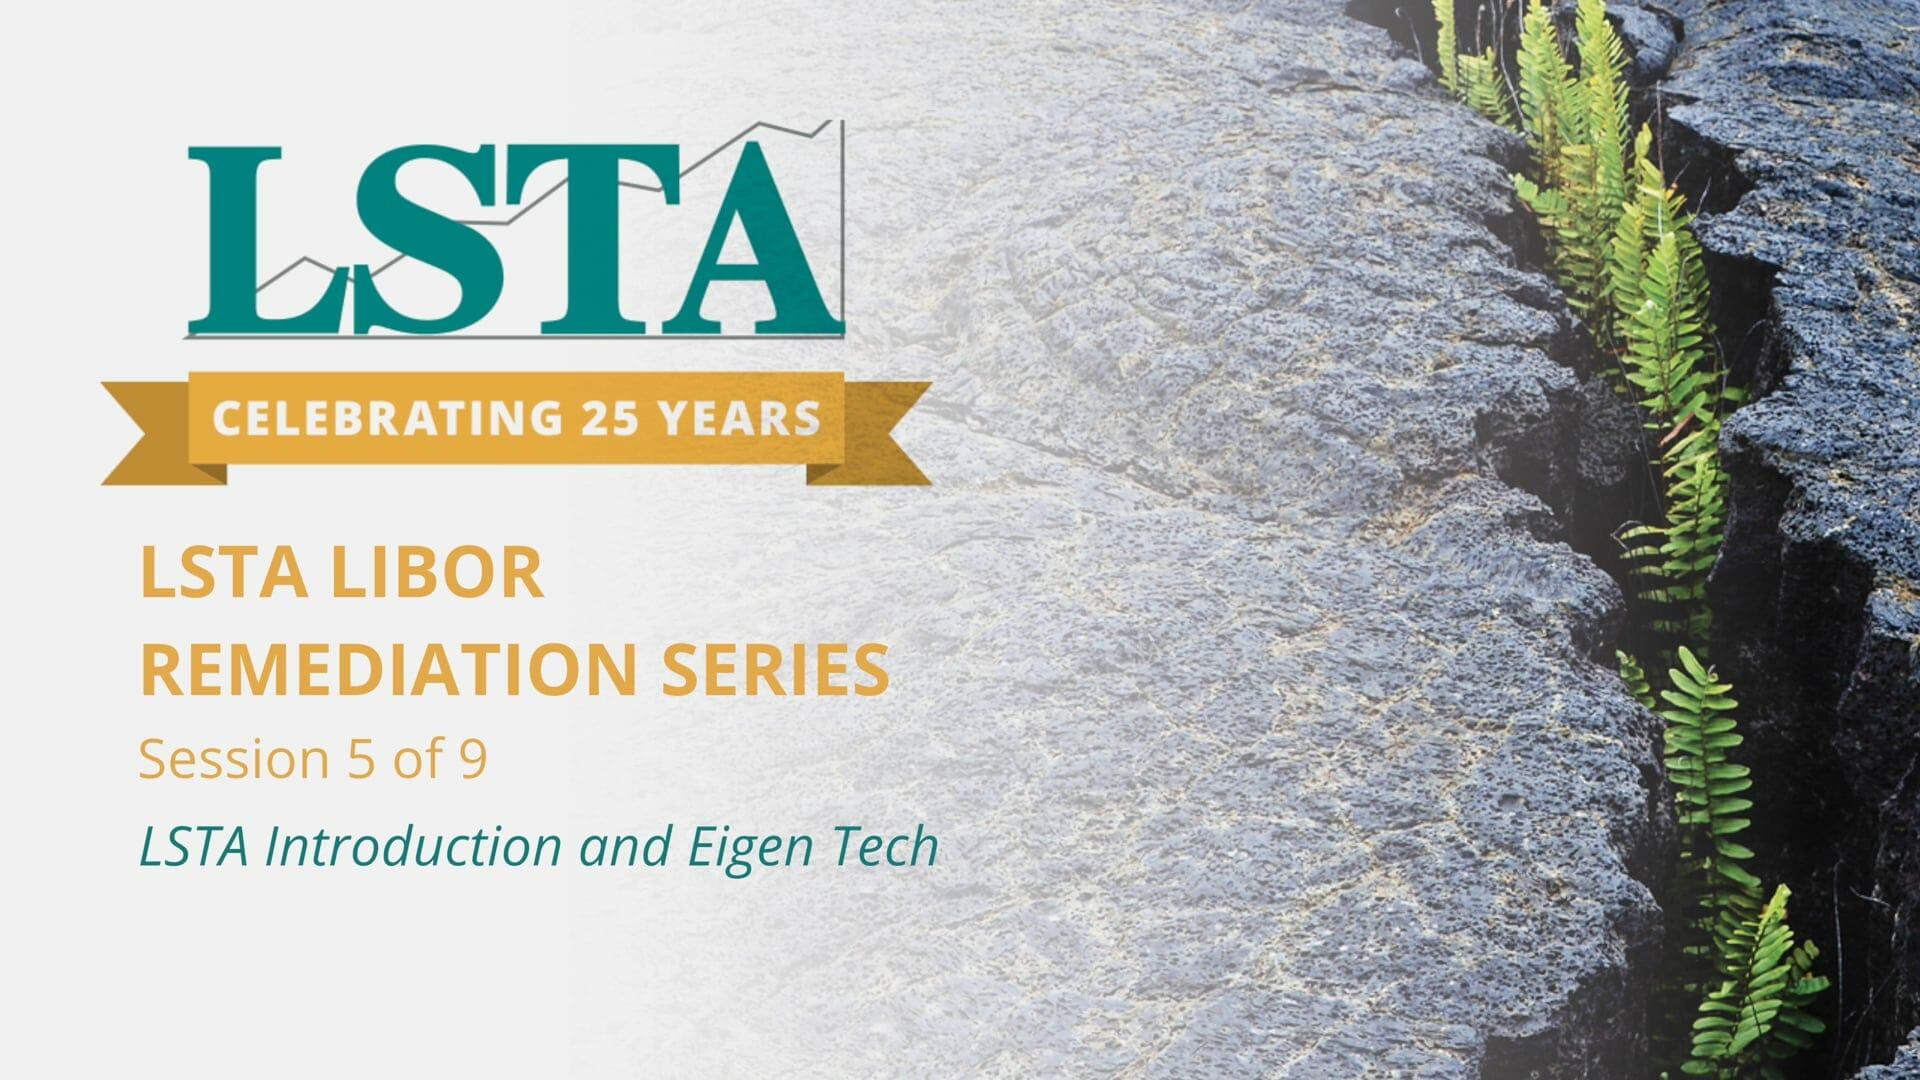 LSTA LIBOR Remediation Series Video – Eigen Tech